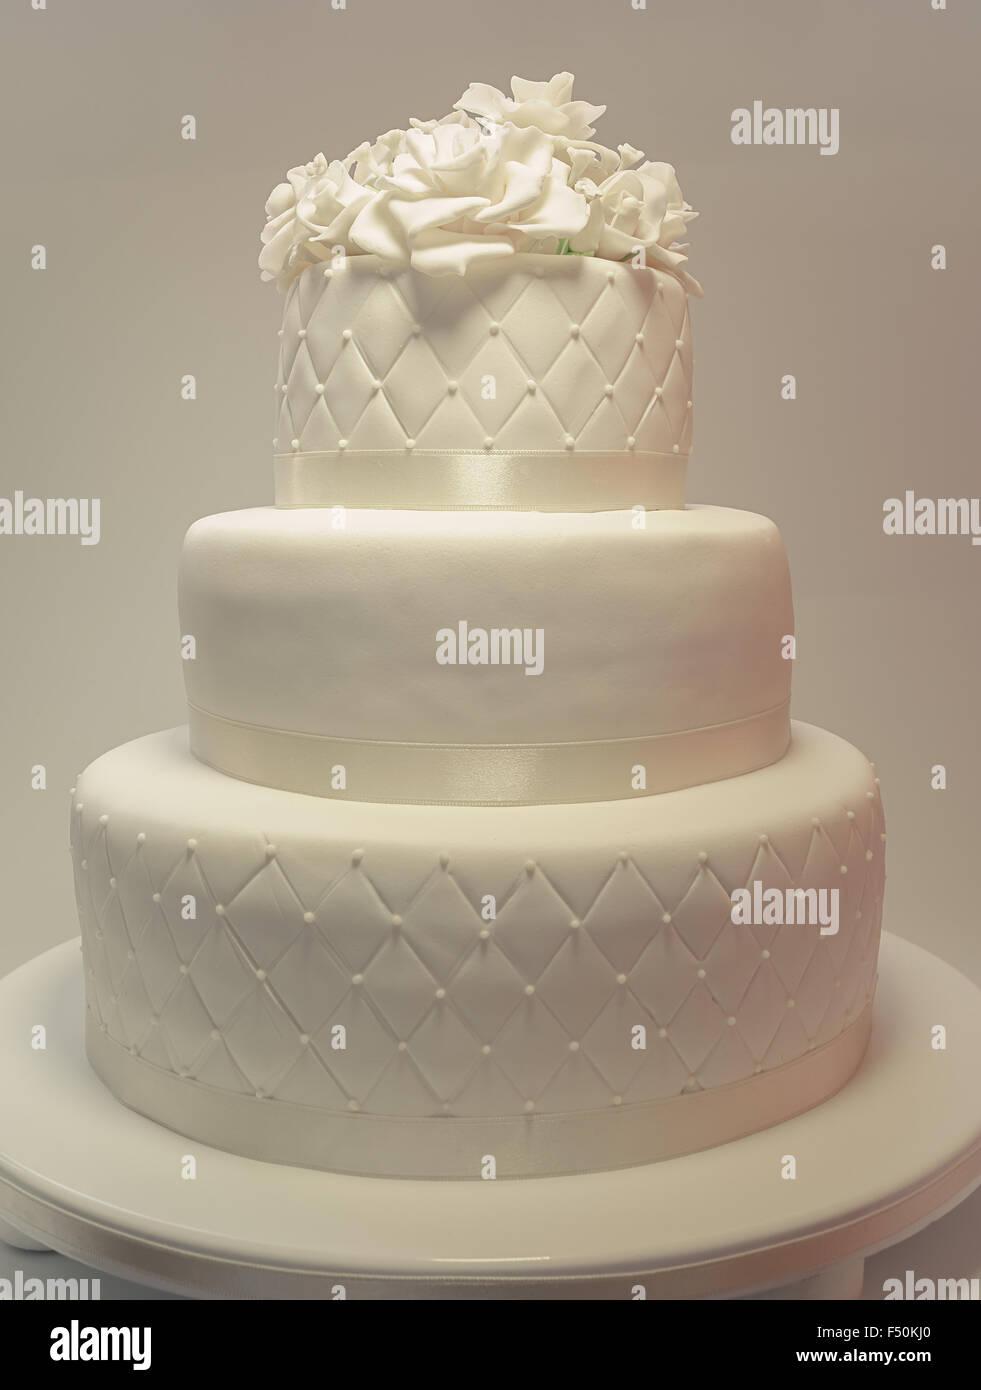 Détails d'un gâteau de mariage, décoration avec fondant blanc sur fond blanc. Photo Stock